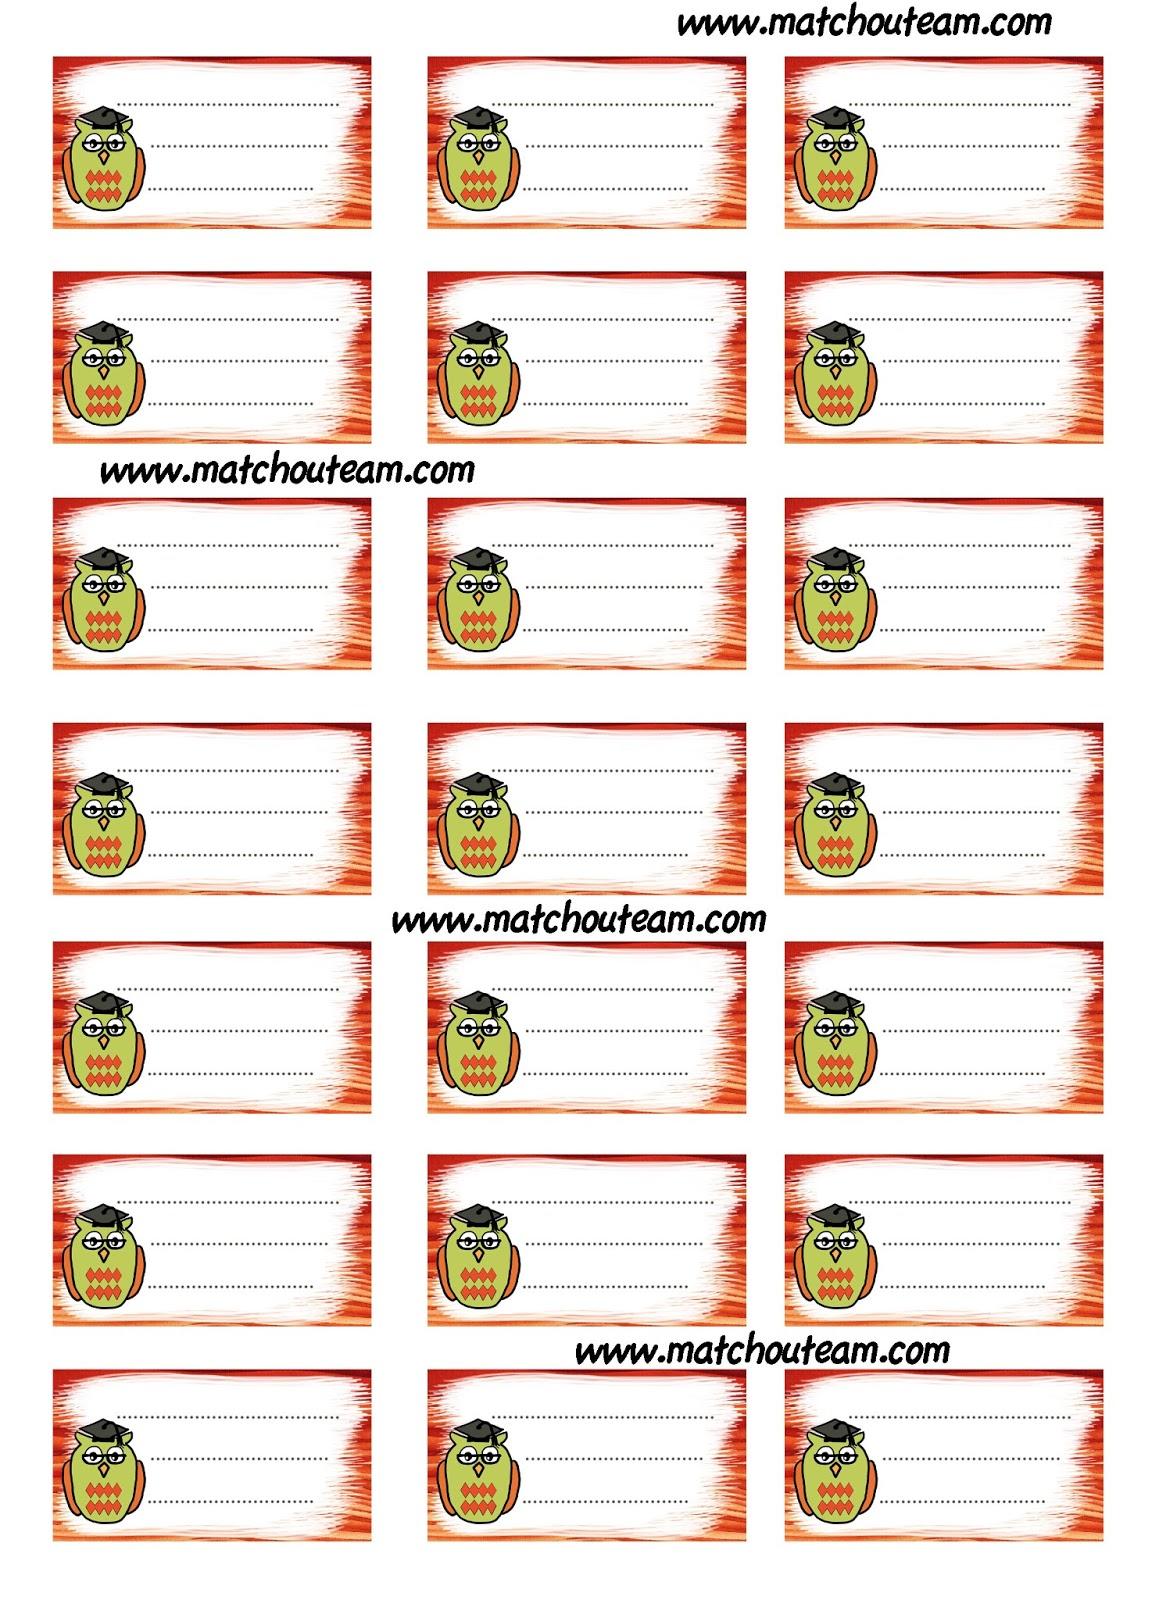 Bien-aimé Ma Tchou team: étiquettes rentrée scolaire à imprimer QU25